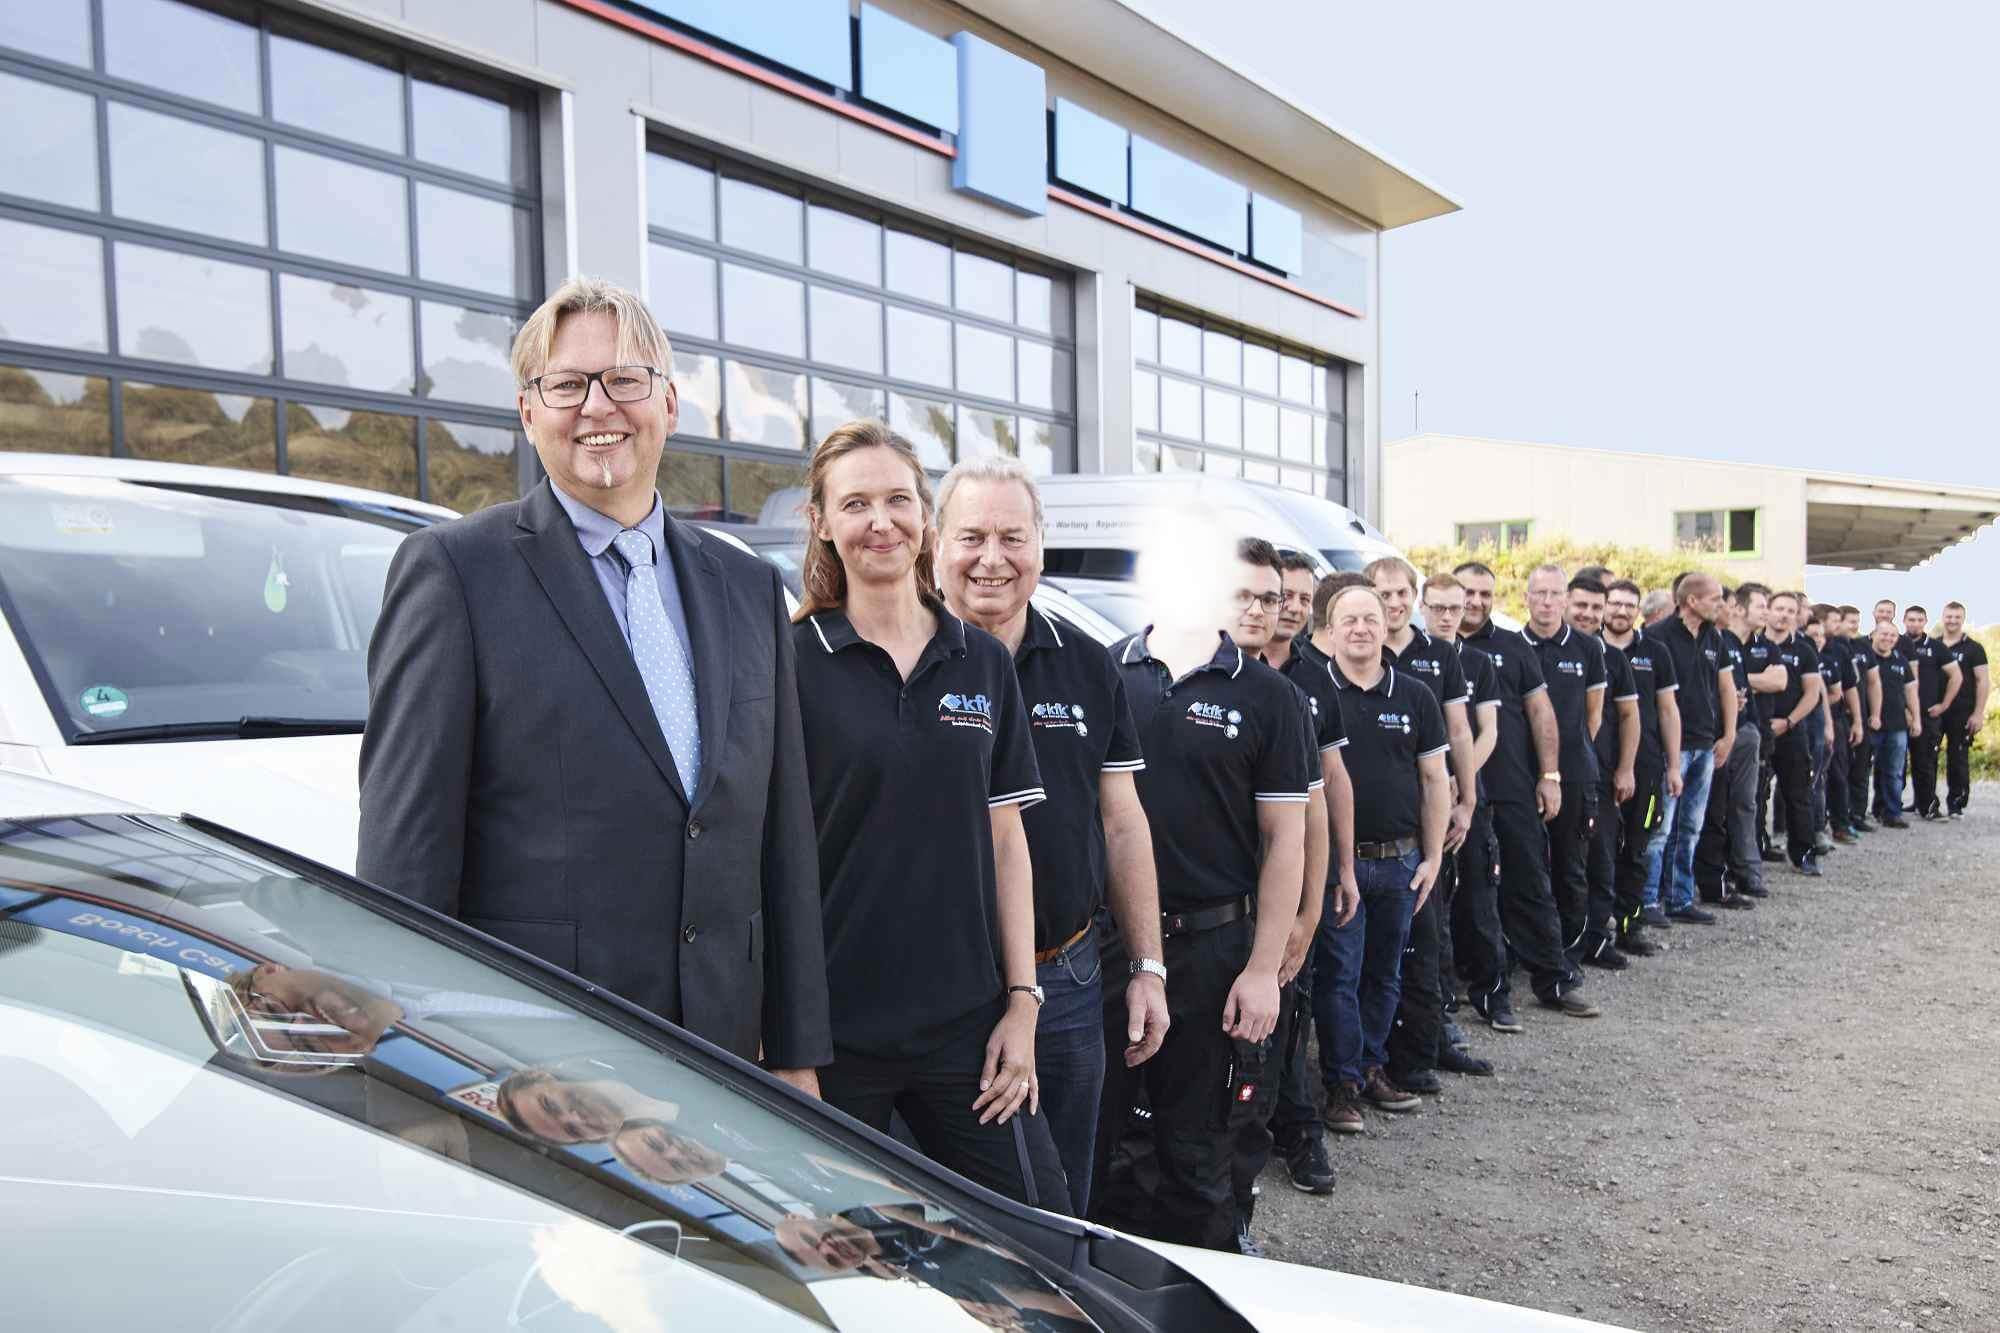 Torservice & Safety Prüfservice GmbH